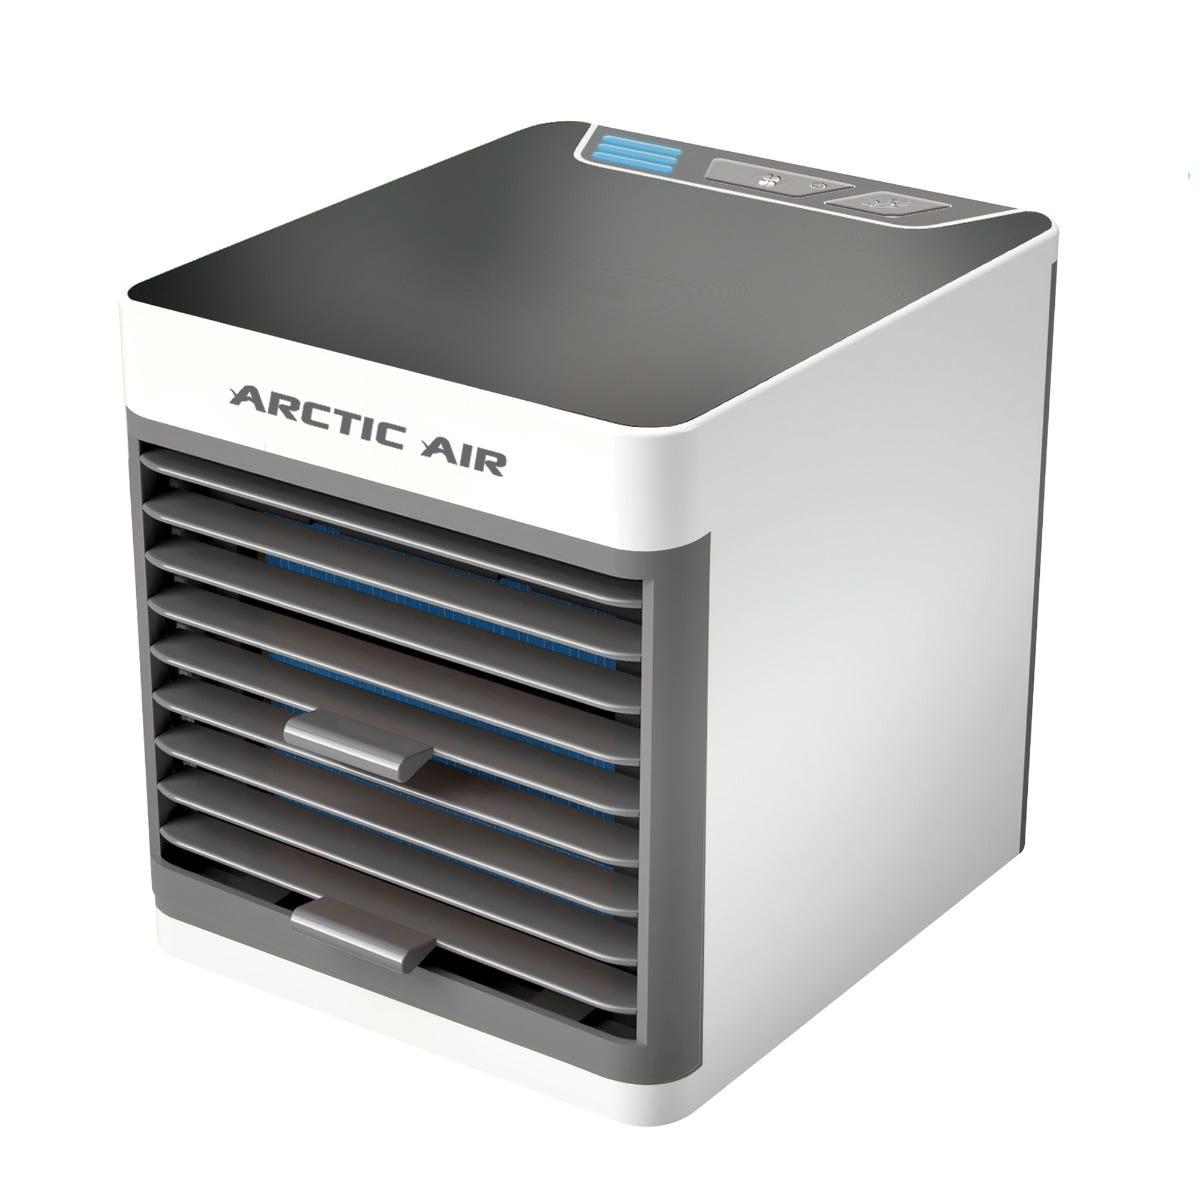 Enfriador Personal Arctic Air de As Seen On TV®